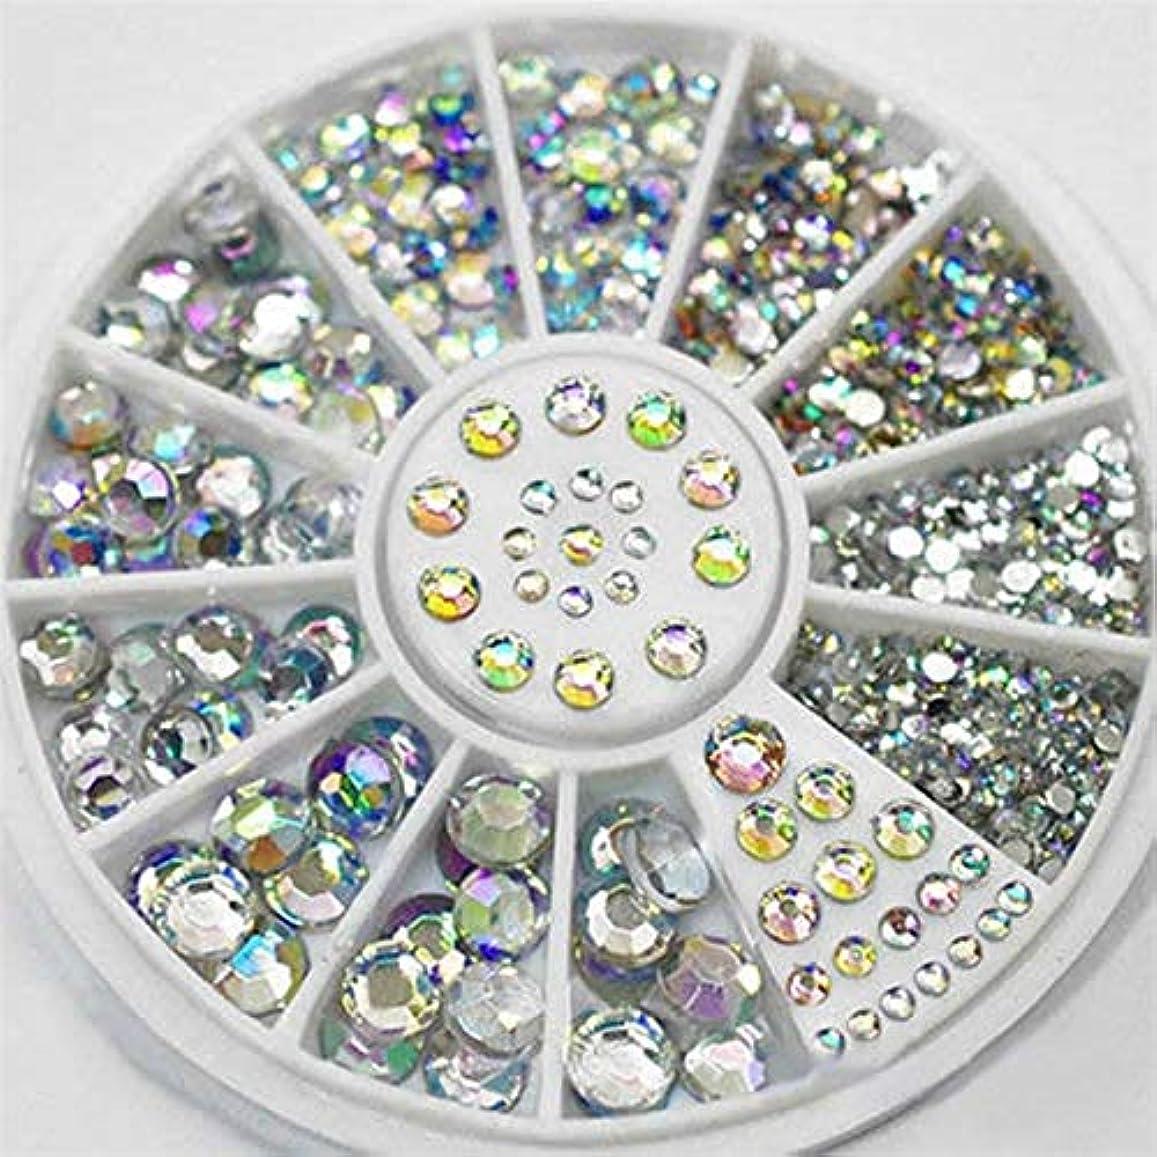 発明コールドファランクスCELINEZL CELINEZL 5ピースdiyカラーアクリルダイヤモンドネイルアートホイールのヒントクリスタルグリッターラインストーン3dネイルアートの装飾